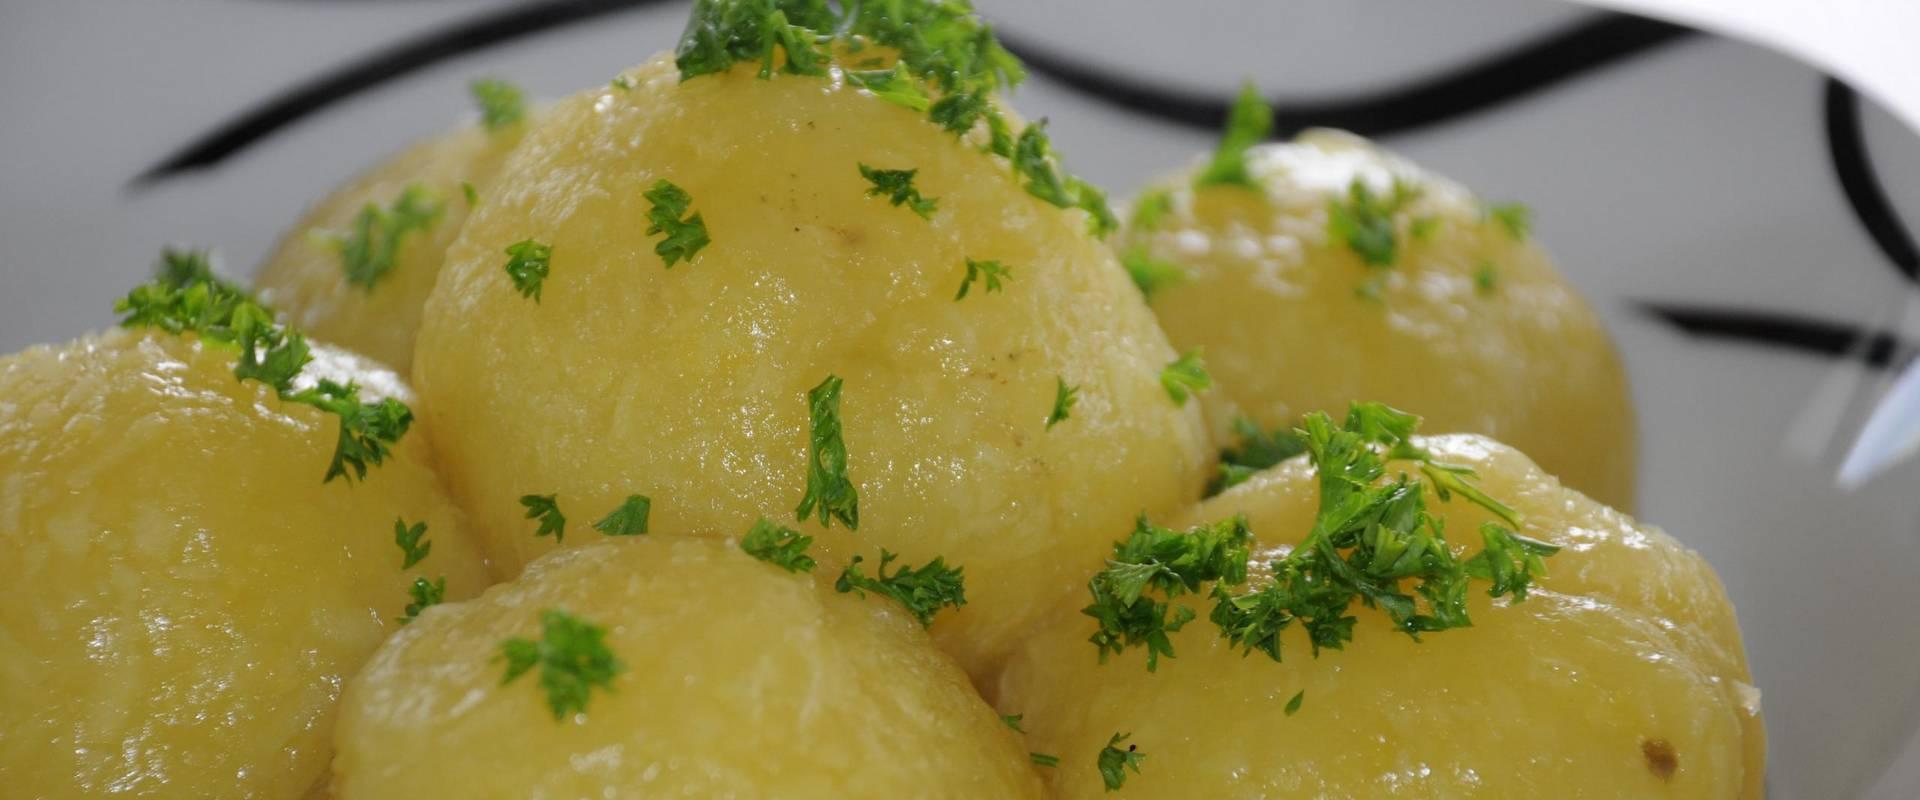 pixabay dumplings 892464 ©Franziska Wojtech